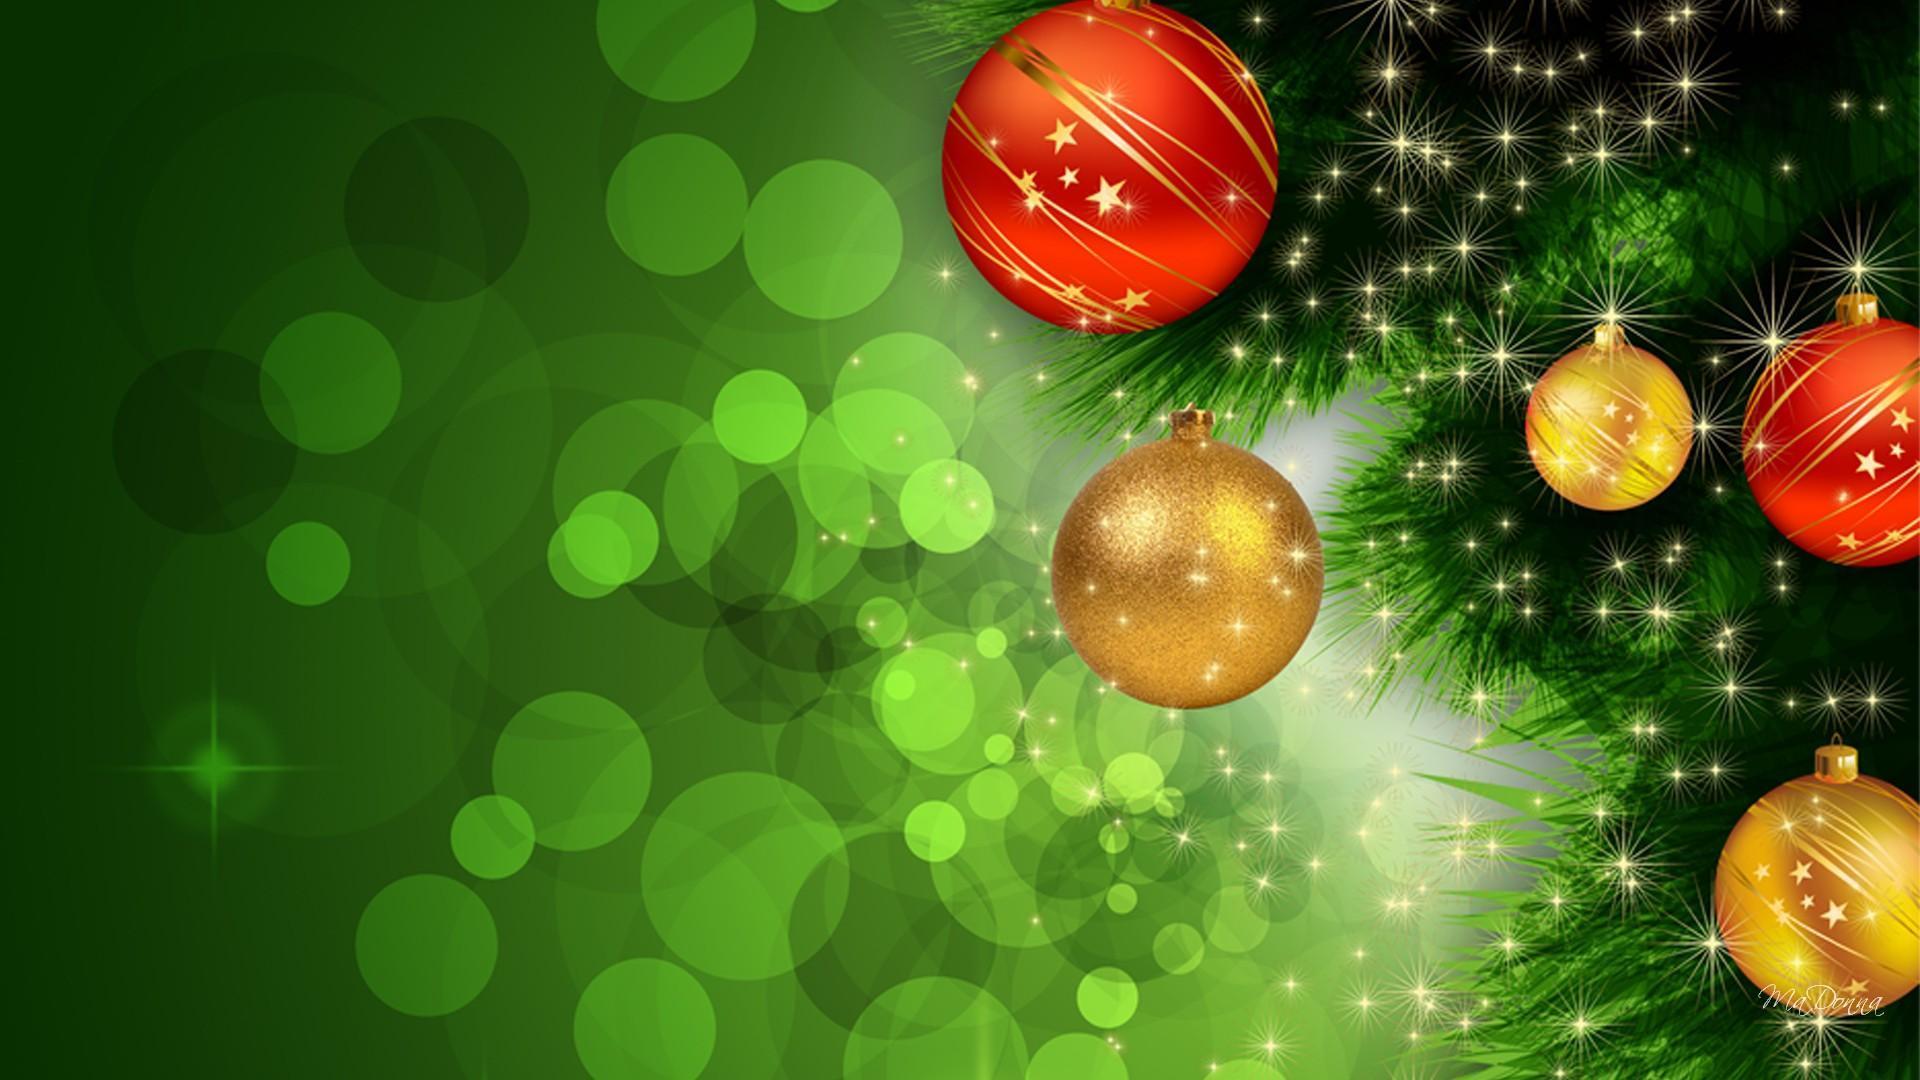 Cool Lion Wallpapers Hd Weihnachten Gr 252 N Hd Desktop Hintergrund Widescreen High